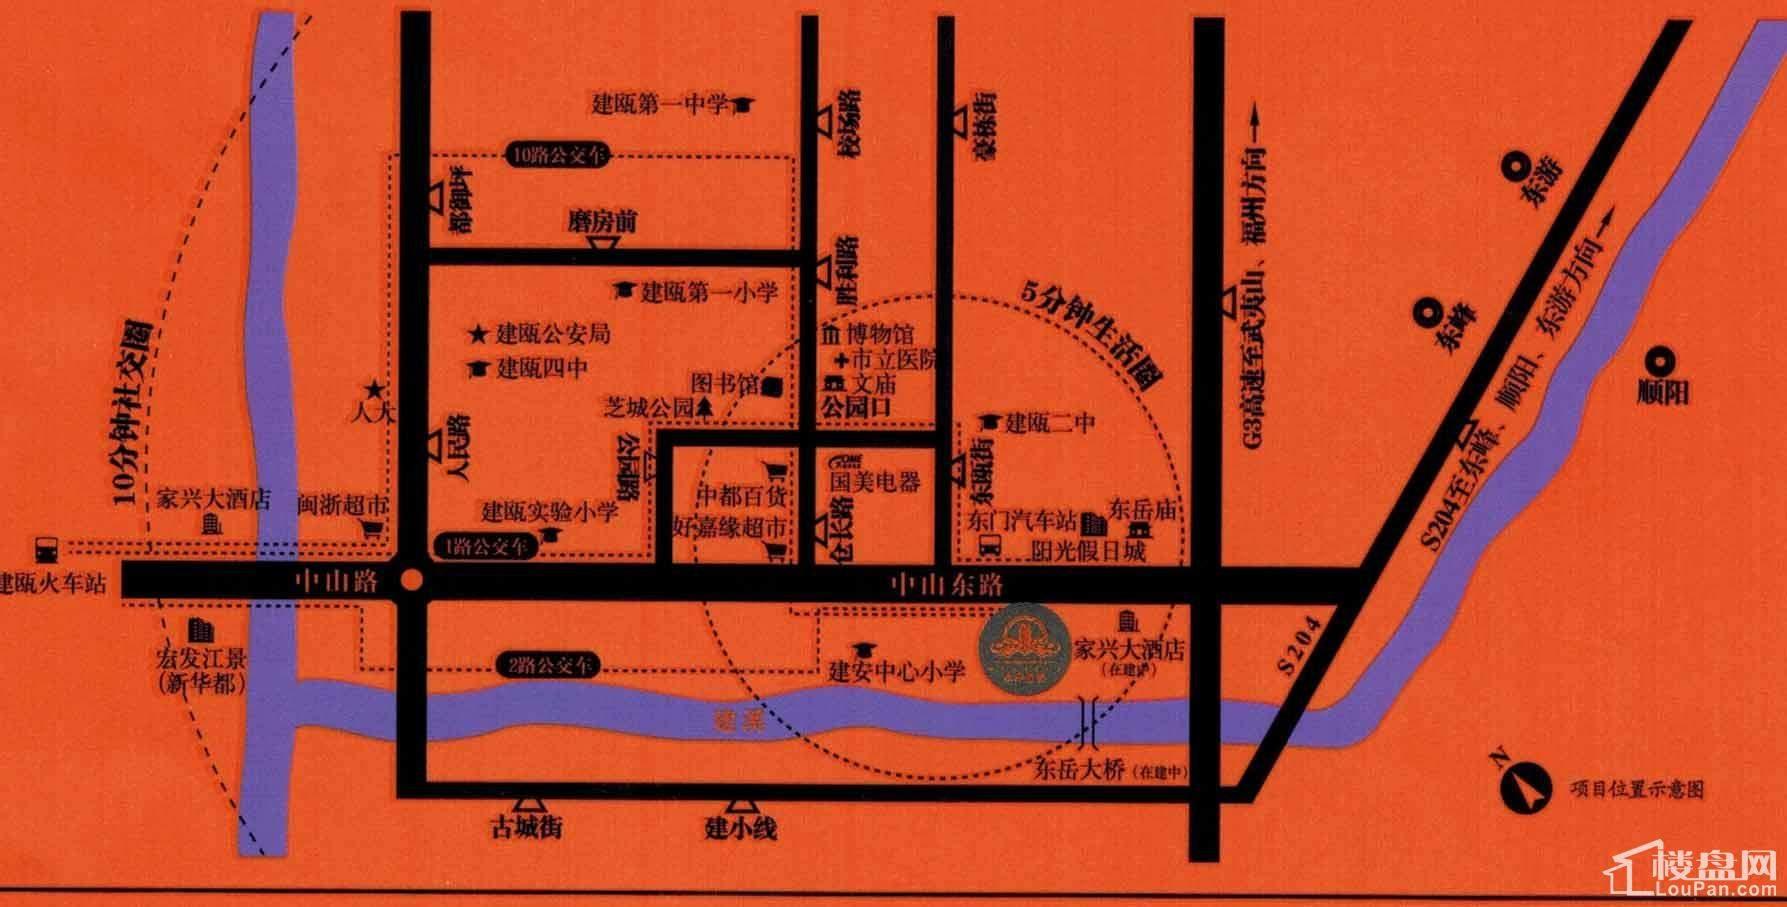 建瓯水岸蓝桥位置图